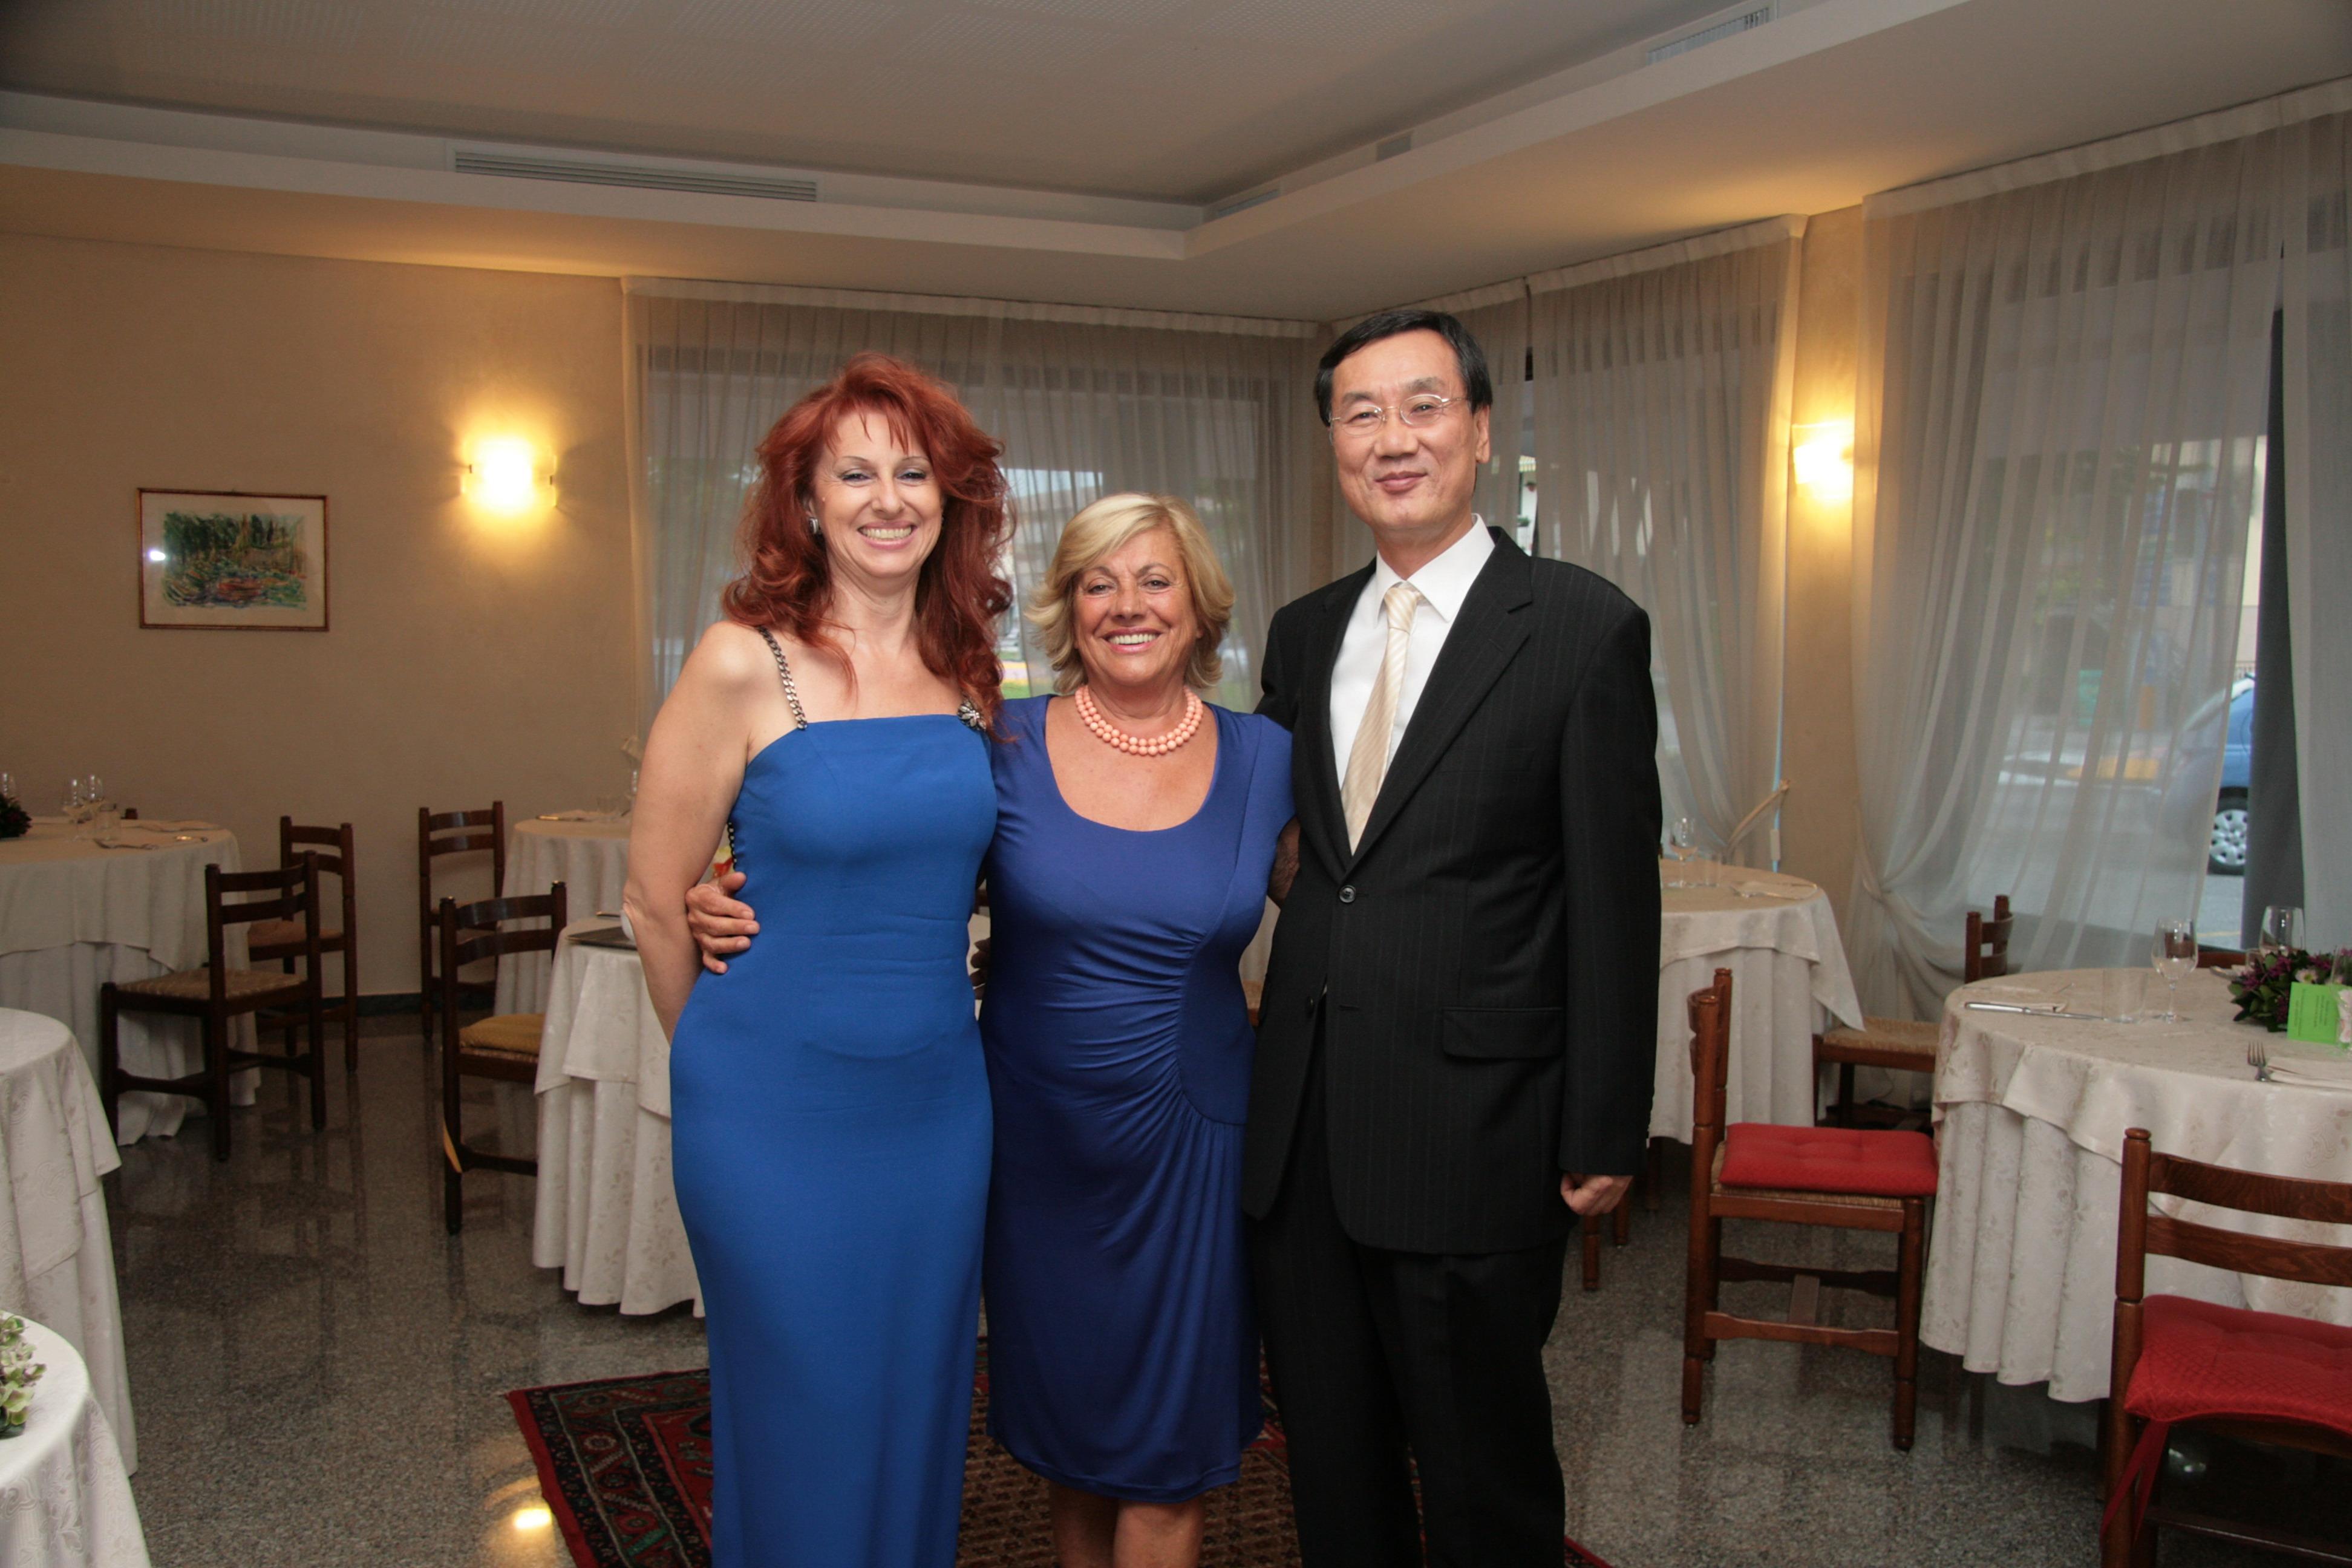 Maria Grazia Patella con gli ospiti Adua Veroni e il Console Generale della Corea del Sud, in occasione dell'Opera Rigoletto a Oderzo